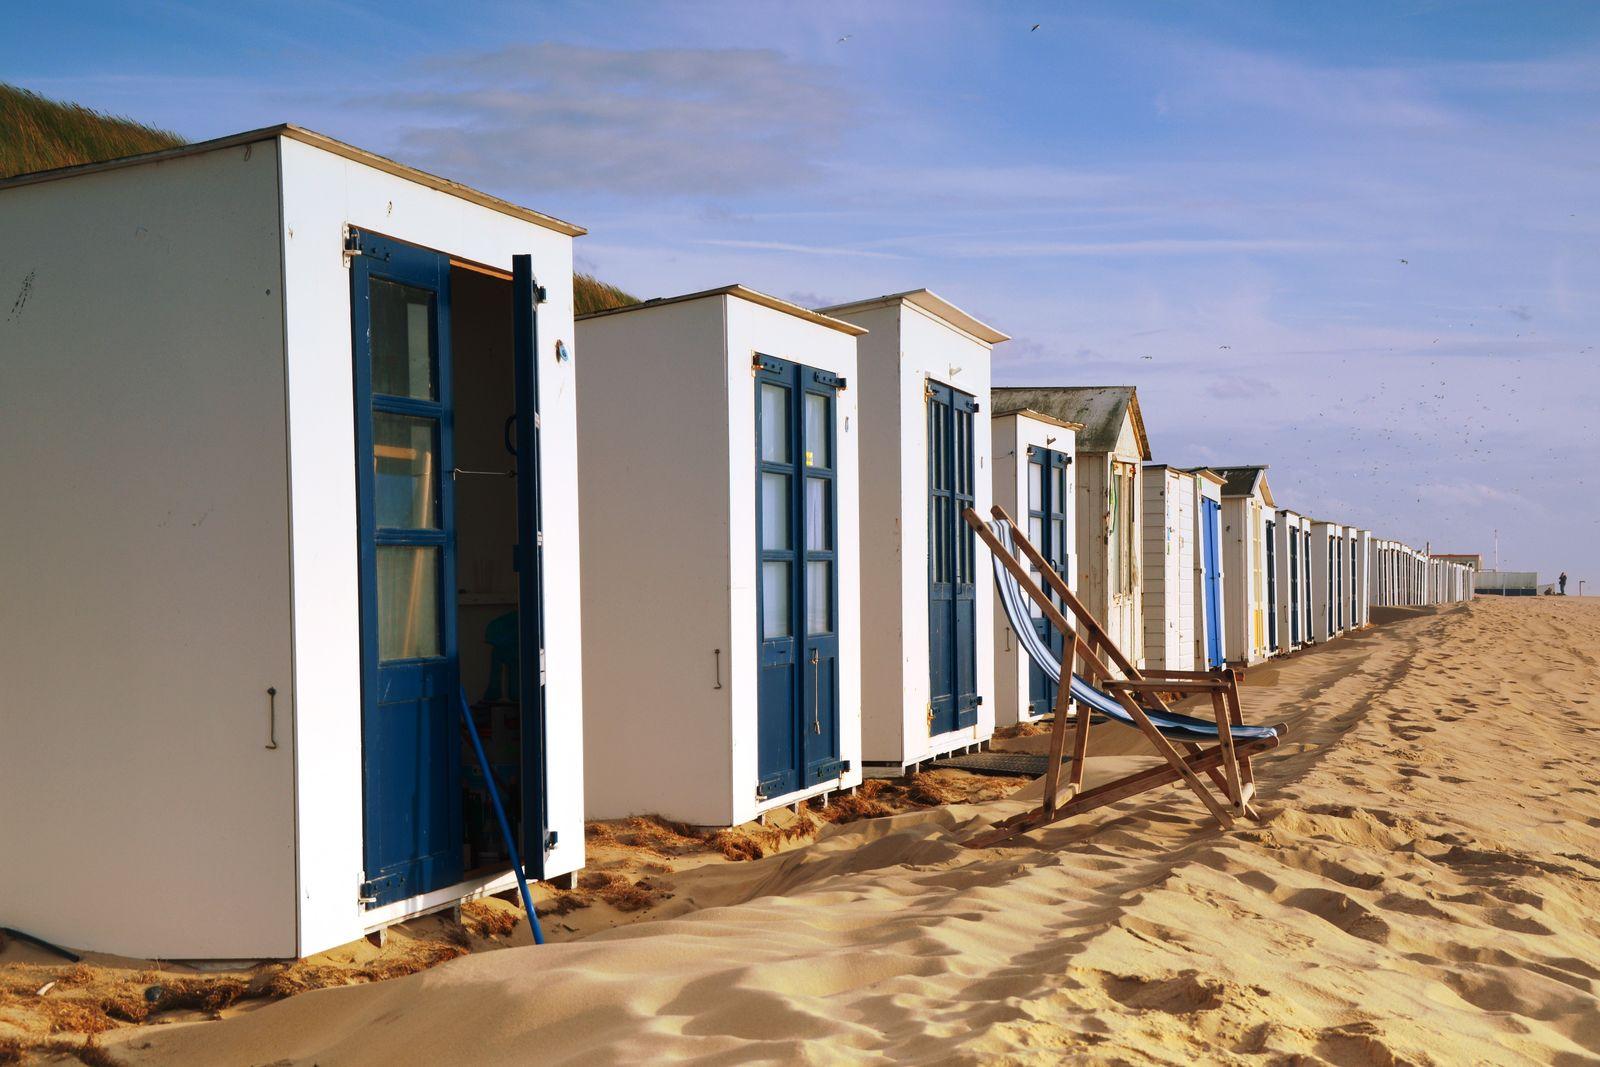 Afbeelding van Texels Landleven XXL - luxe vakantiehuis met sauna en ecozwemvijver